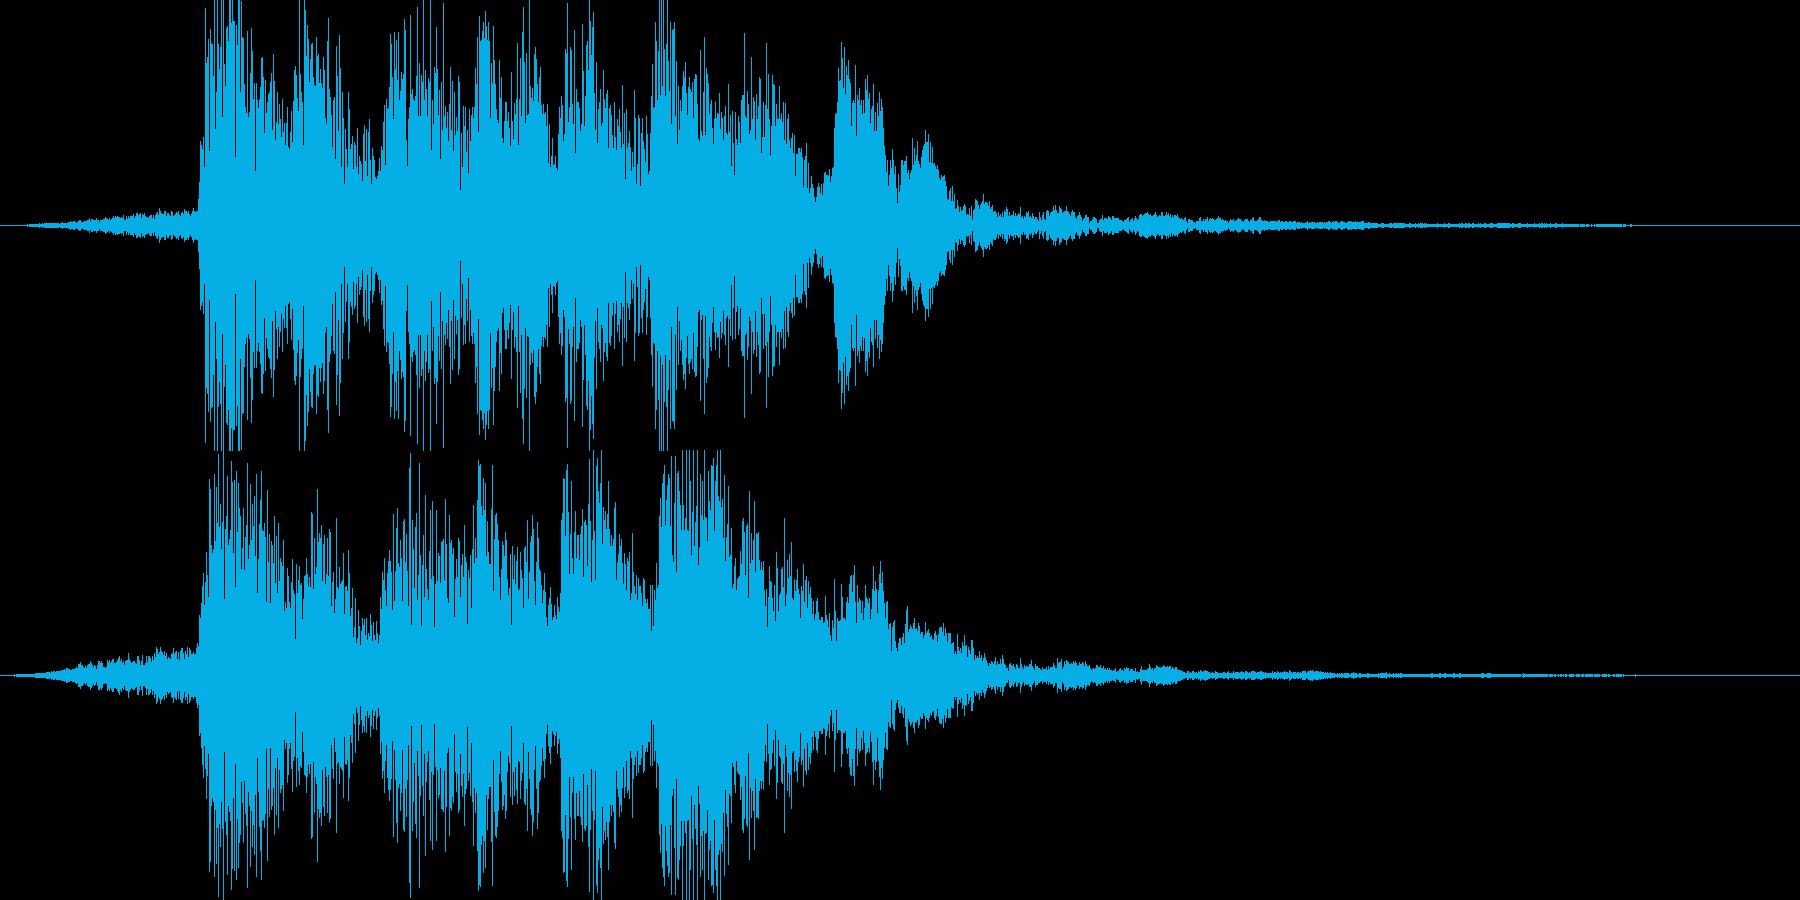 【ジングル】不思議系ジングルの再生済みの波形